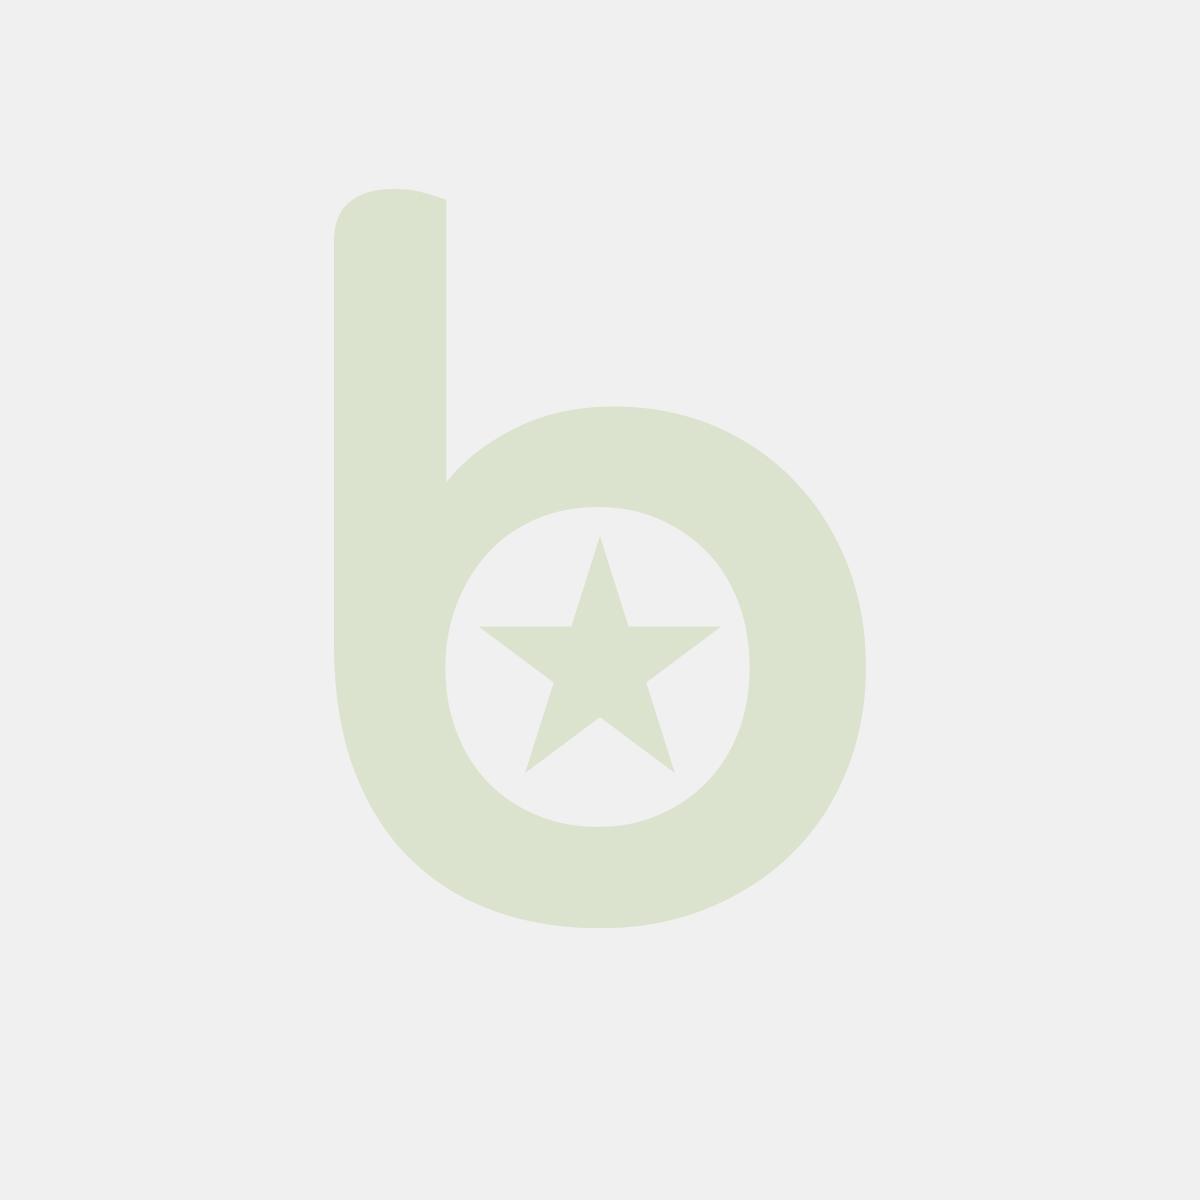 FINGERFOOD - pucharek PS 70ml transparentny 4,9xh.7,7cm op. 25 sztuk